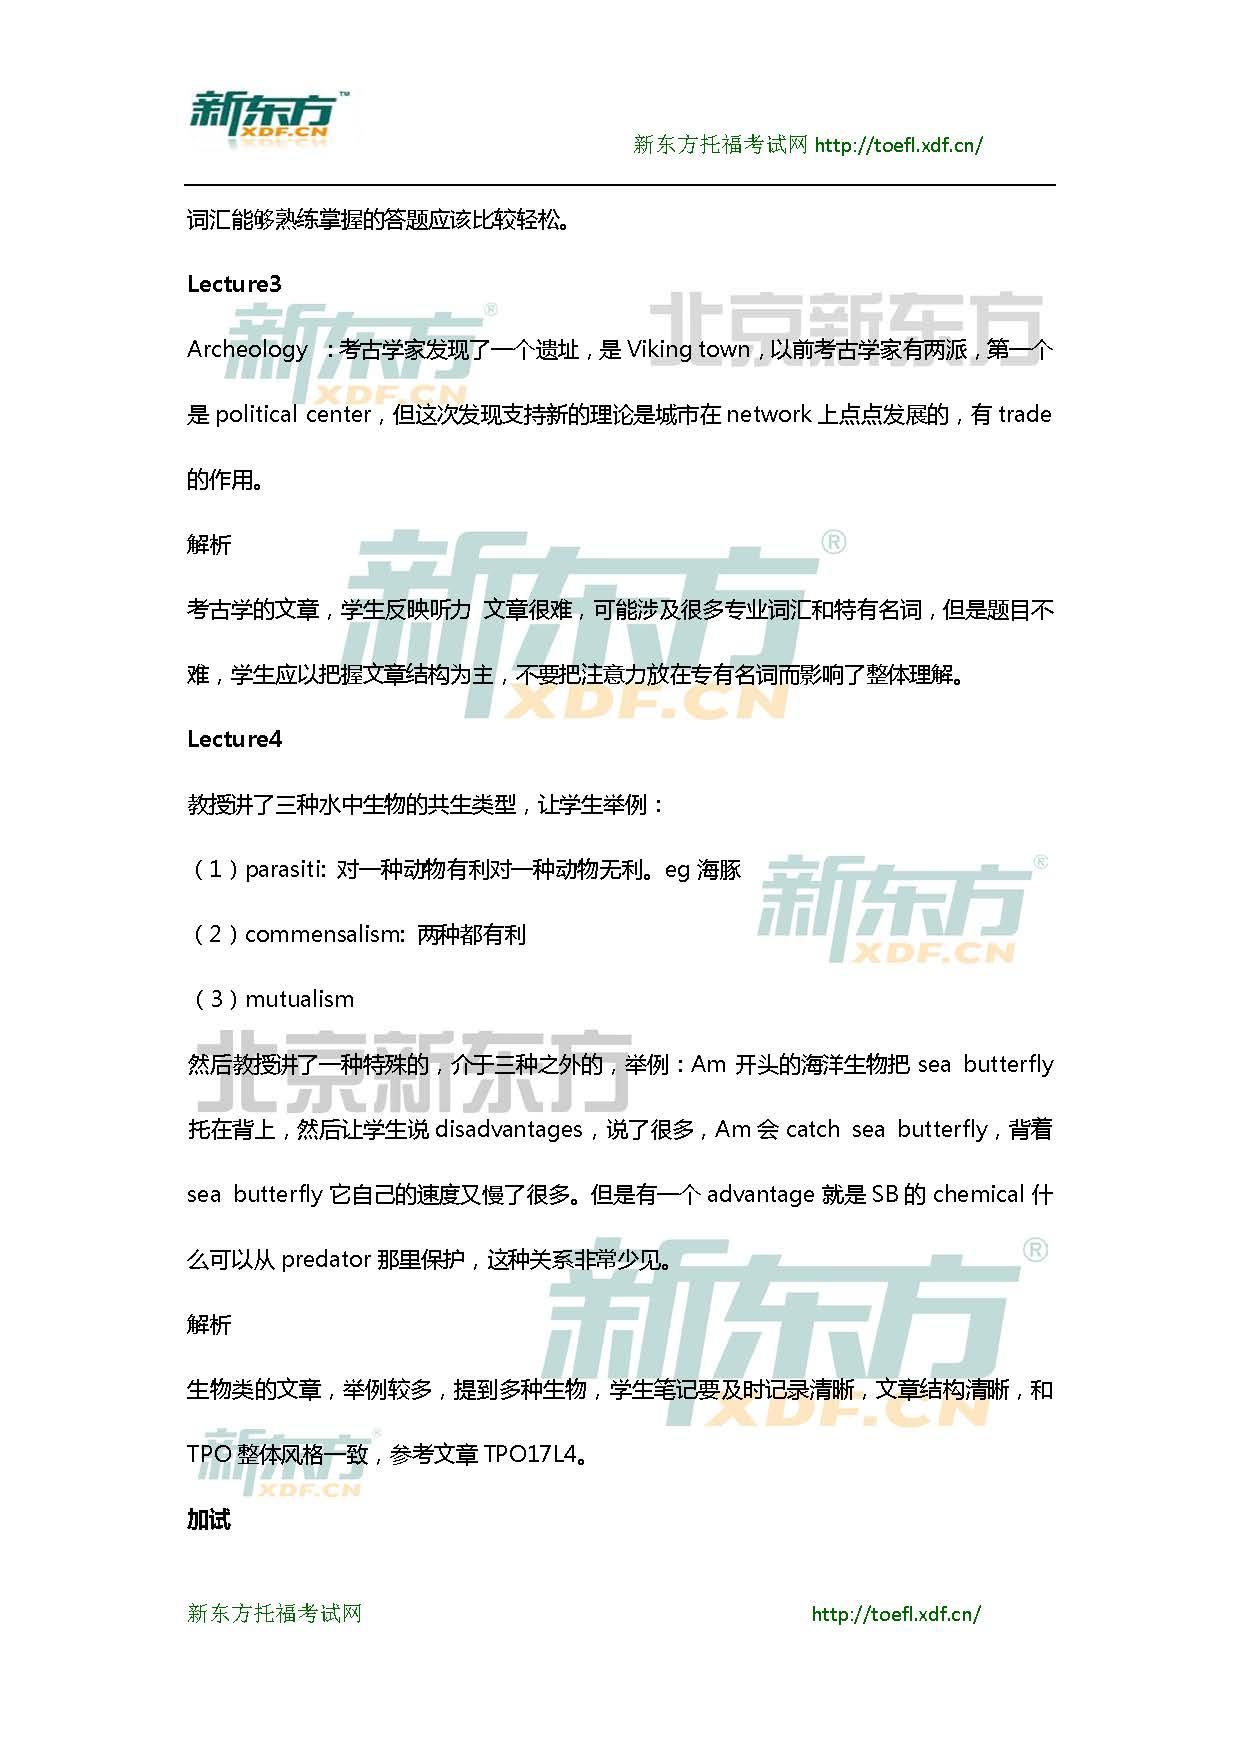 新东方名师:2014年4月27日托福听力真题及答案解析